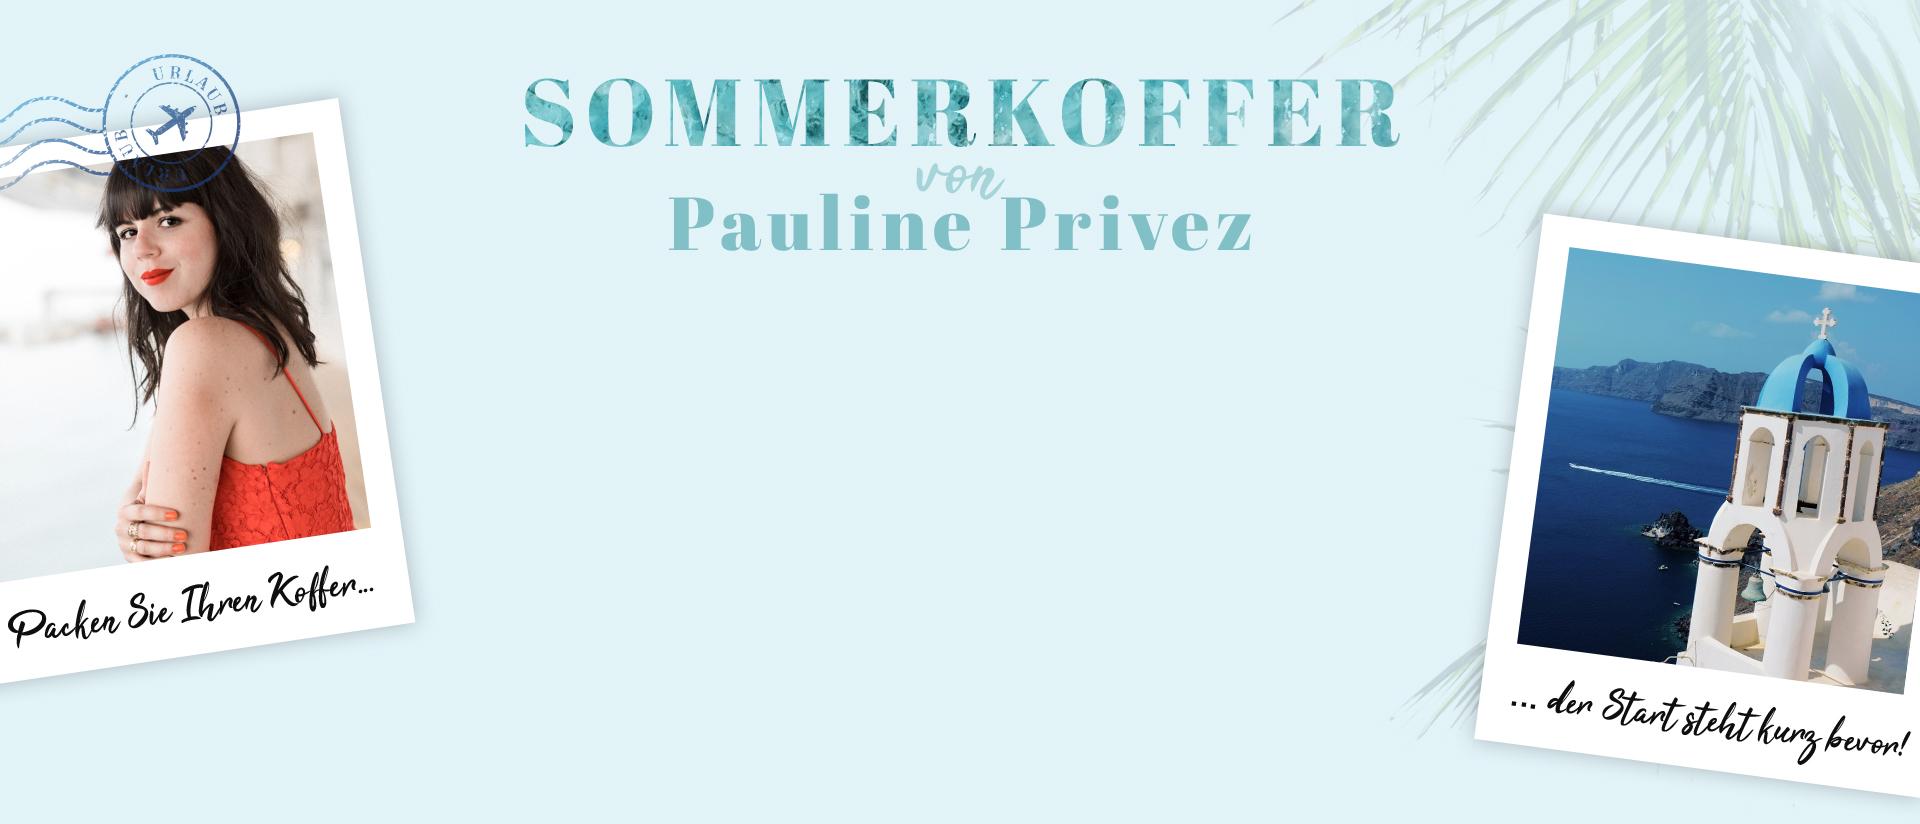 De Zomerkoffer van  Pauline Privez